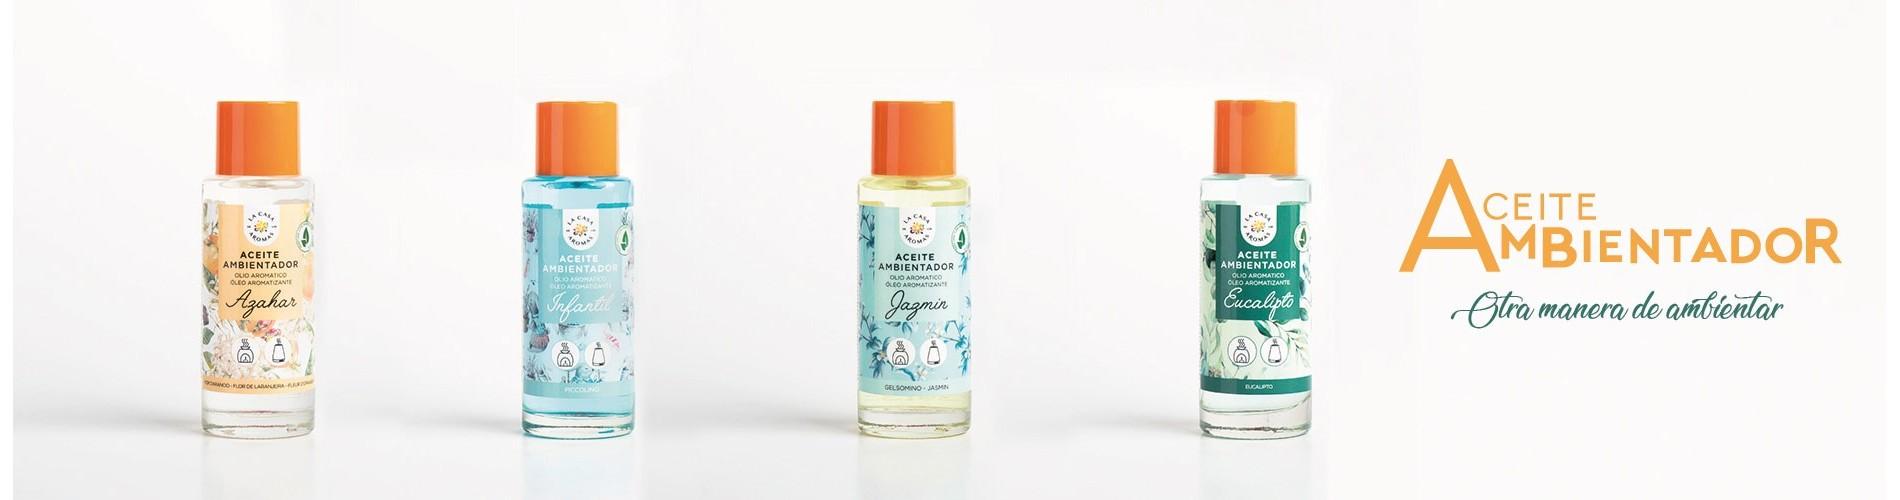 Aceites esenciales de La Casa de los Aromas: Perfuma tus espacios